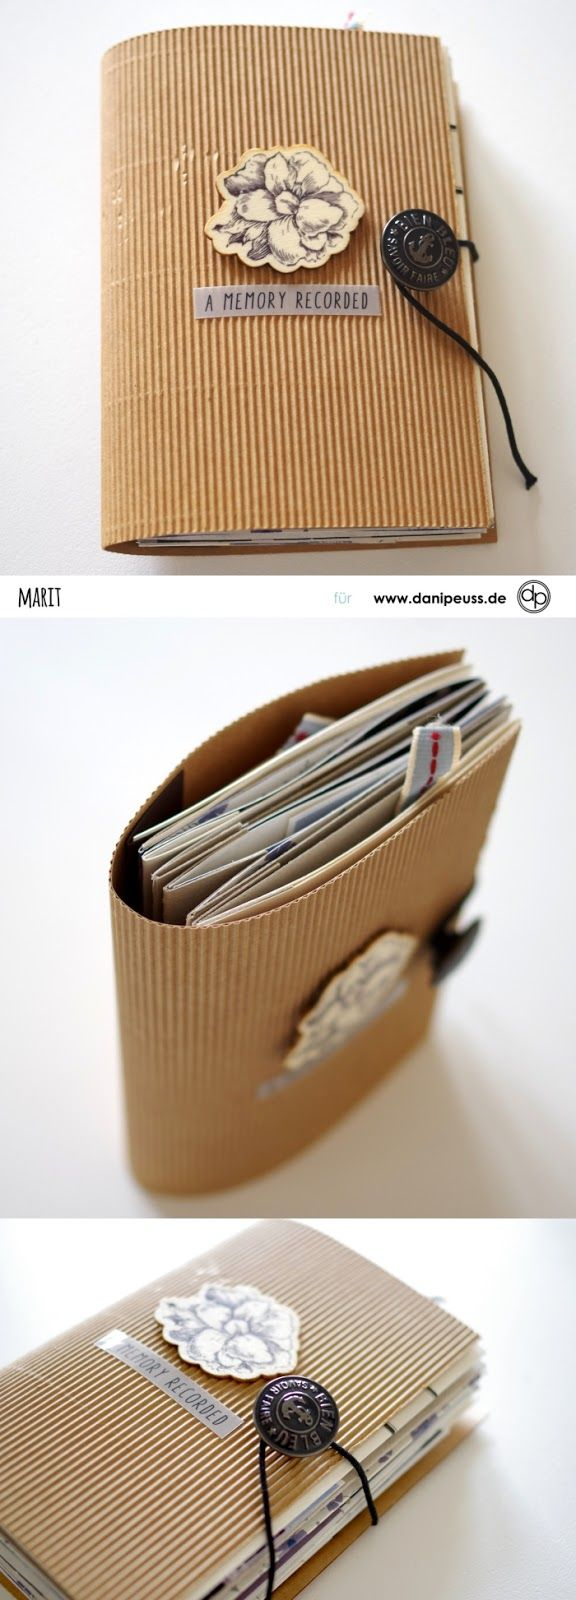 traumhaft schönes Minialbum von Marit für www.danipeuss.de #albumart